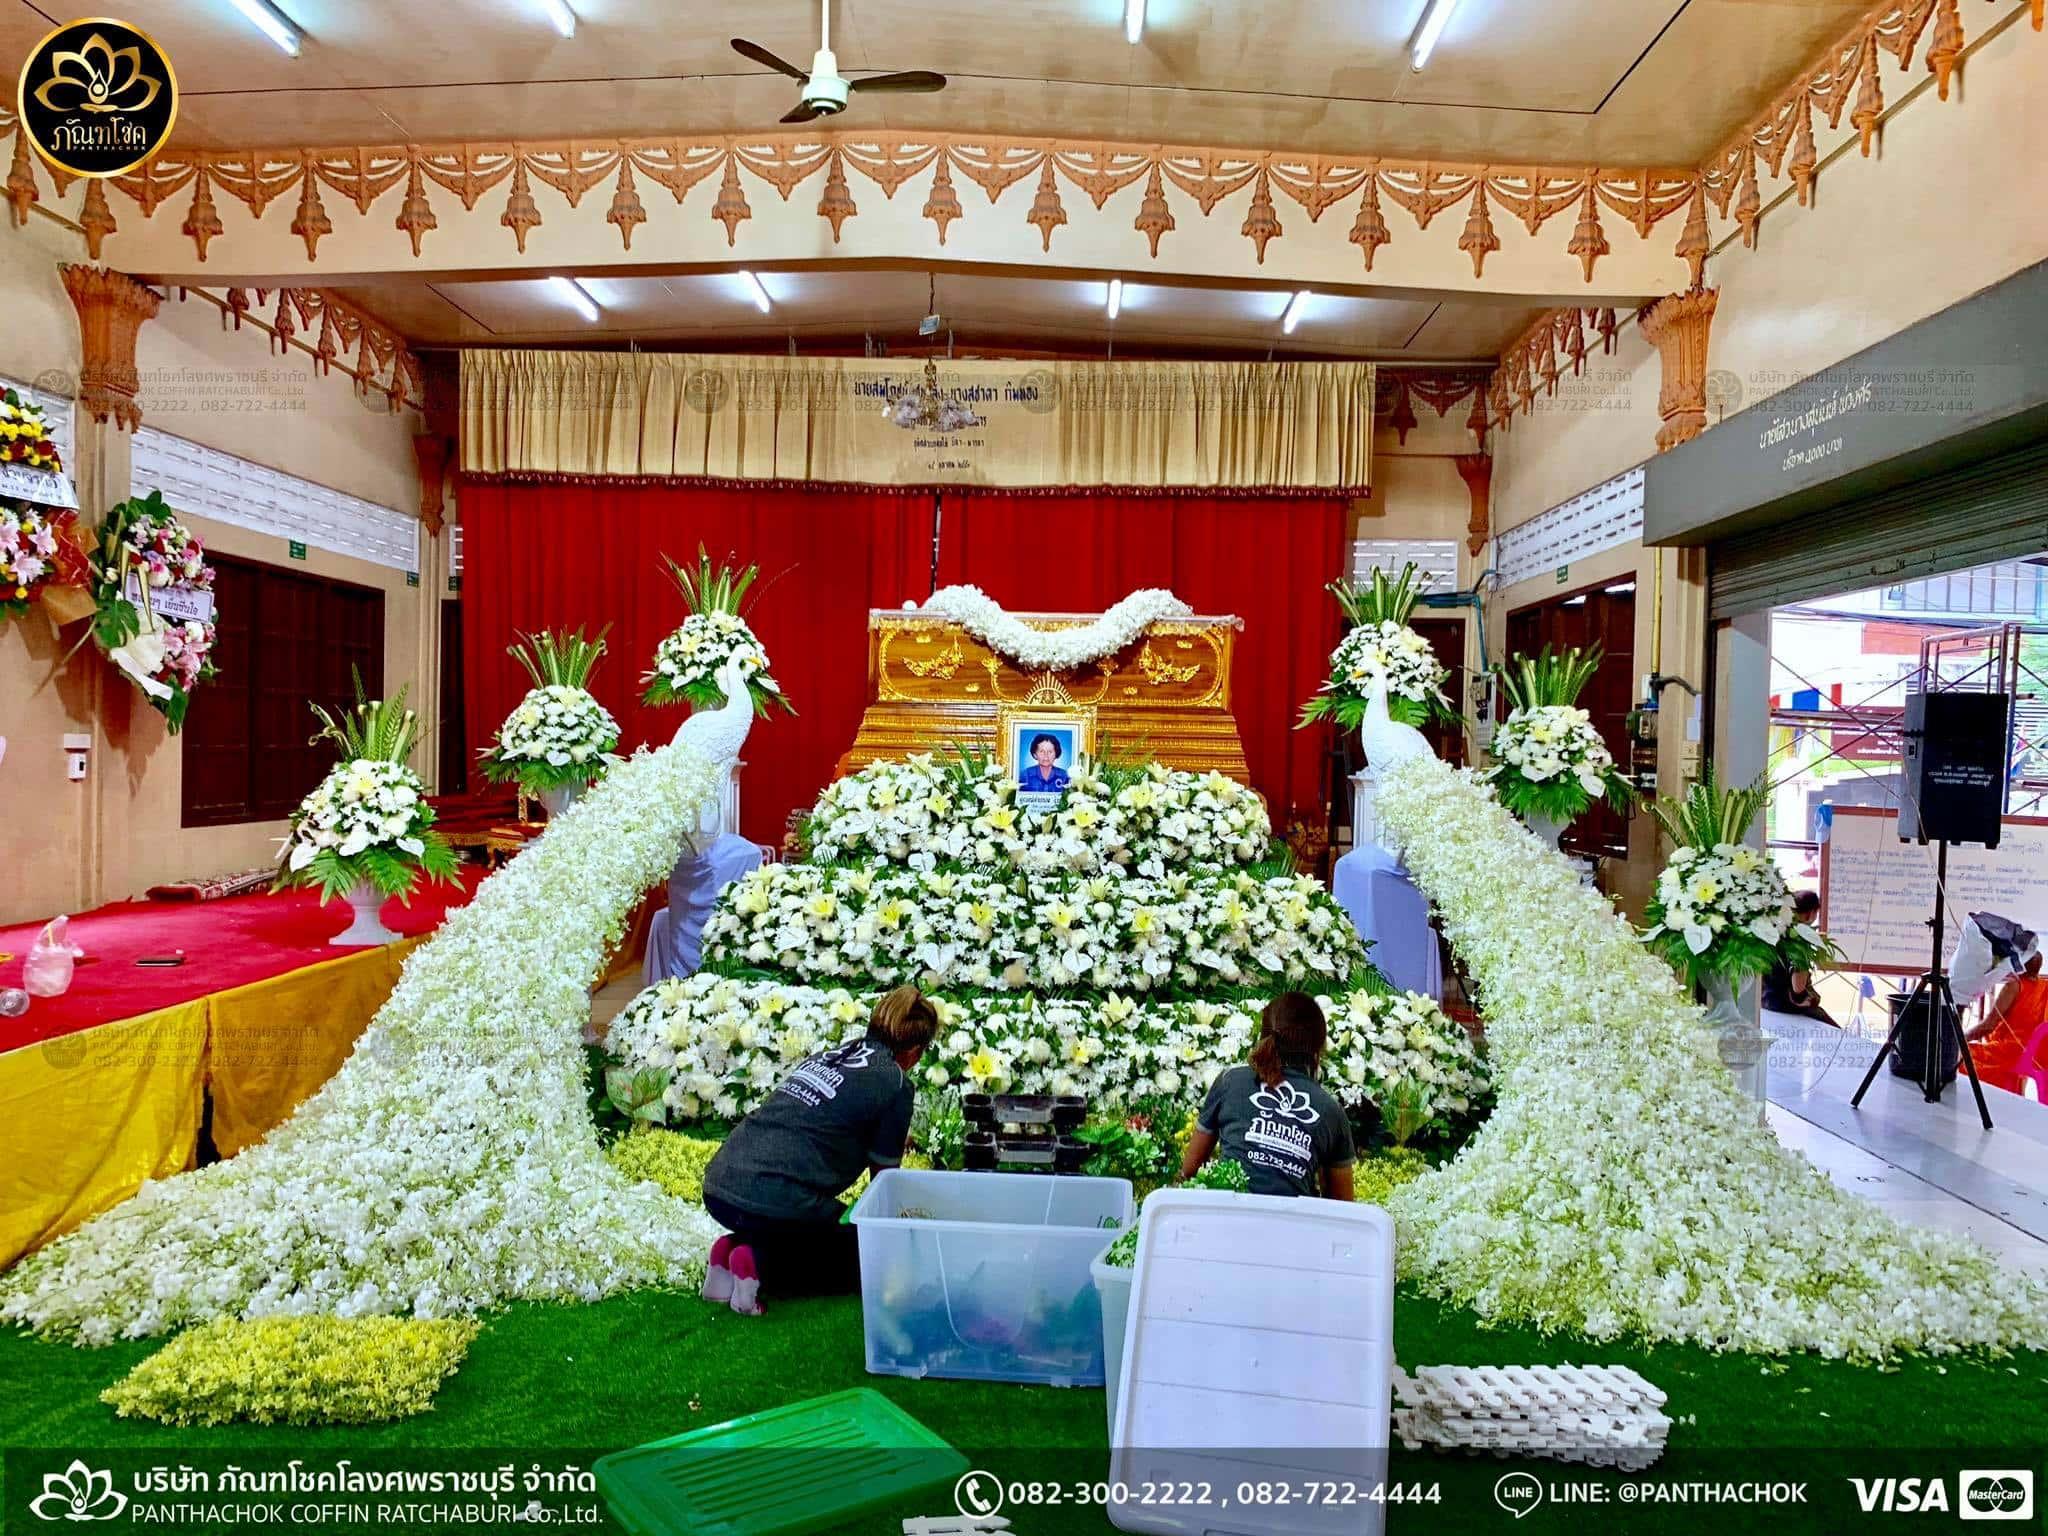 ร้านดอกไม้งานศพราชบุรี รับจัดดอกไม้งานศพทั่วประเทศ รับจัดดอกไม้หน้าเมรุ 4